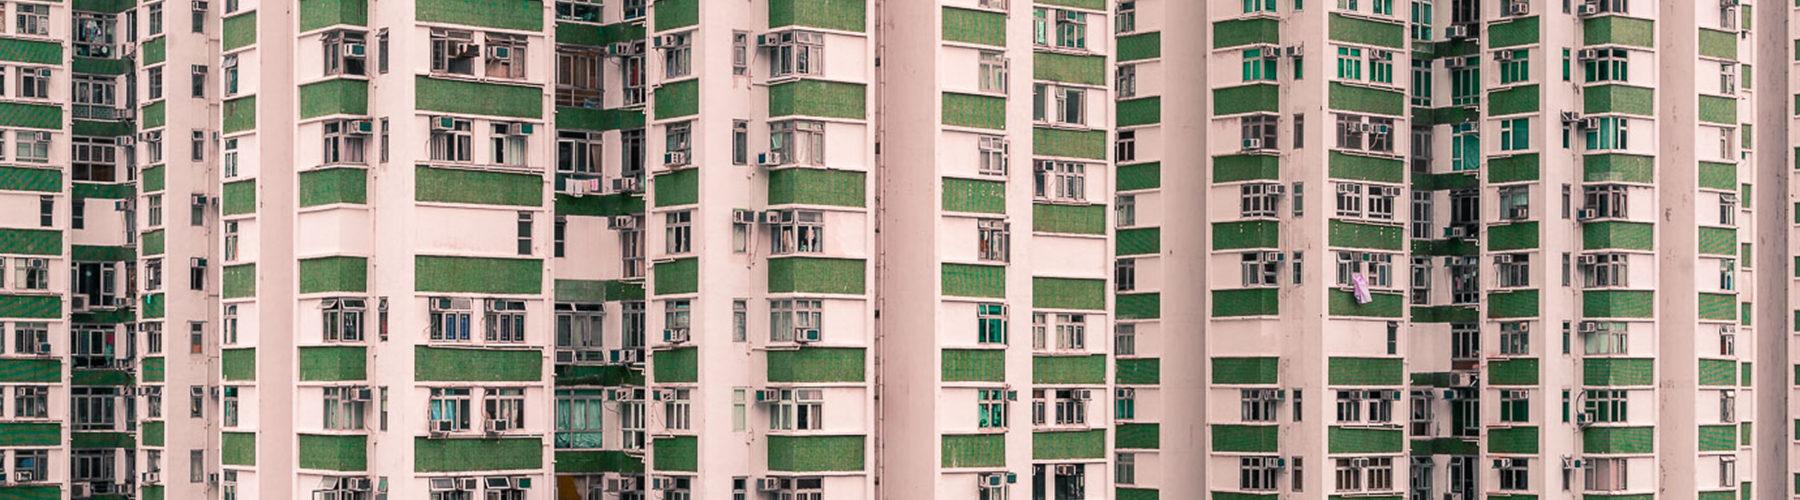 Résidensity par Thibaud Poirier